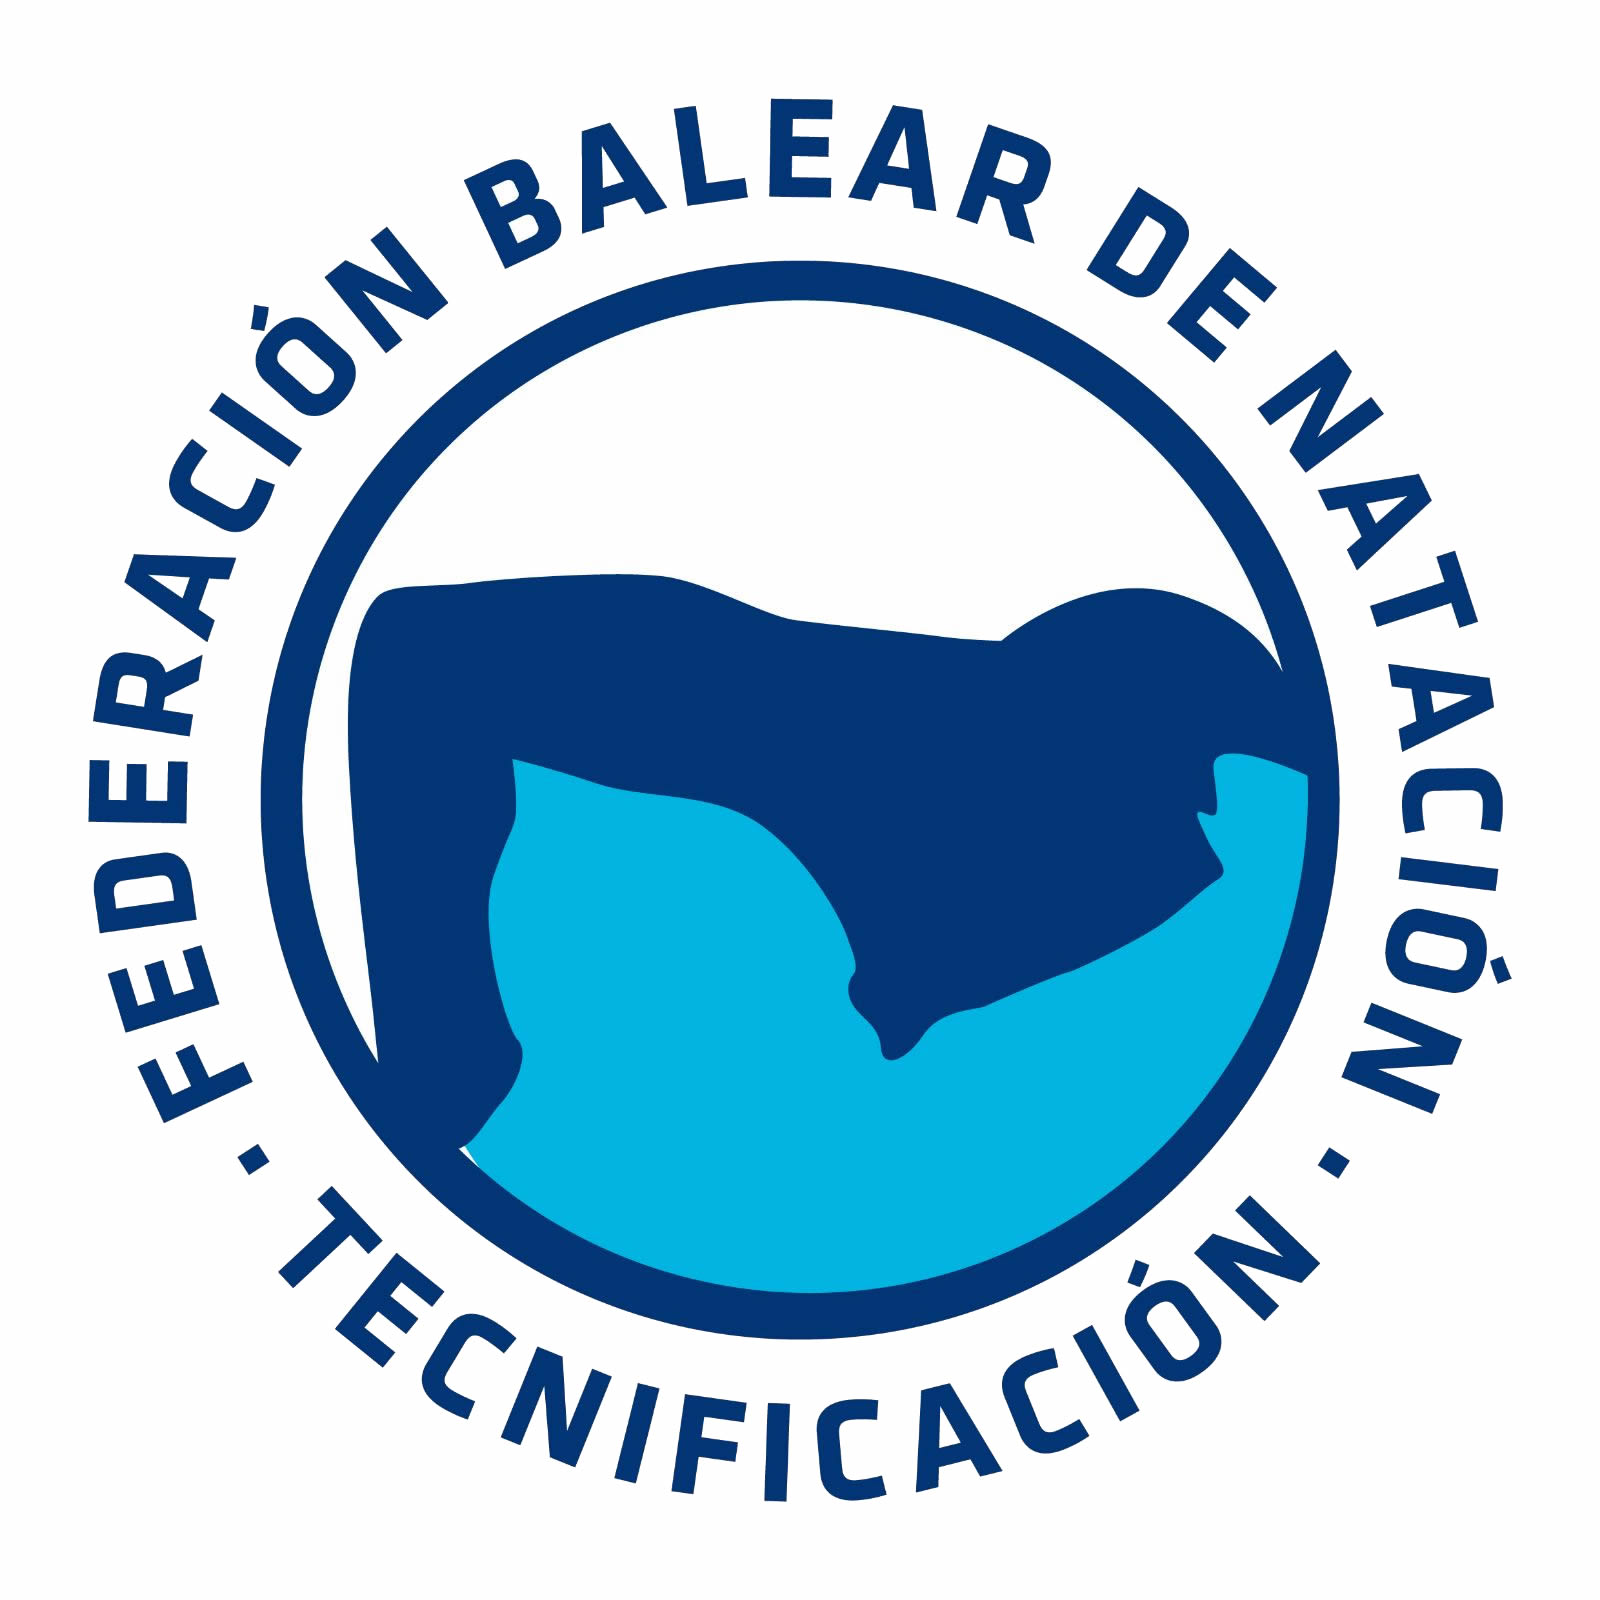 CONVOCATORIA PRESELECCION BALEAR DE NATACION -  INFANTIL Y JUNIOR